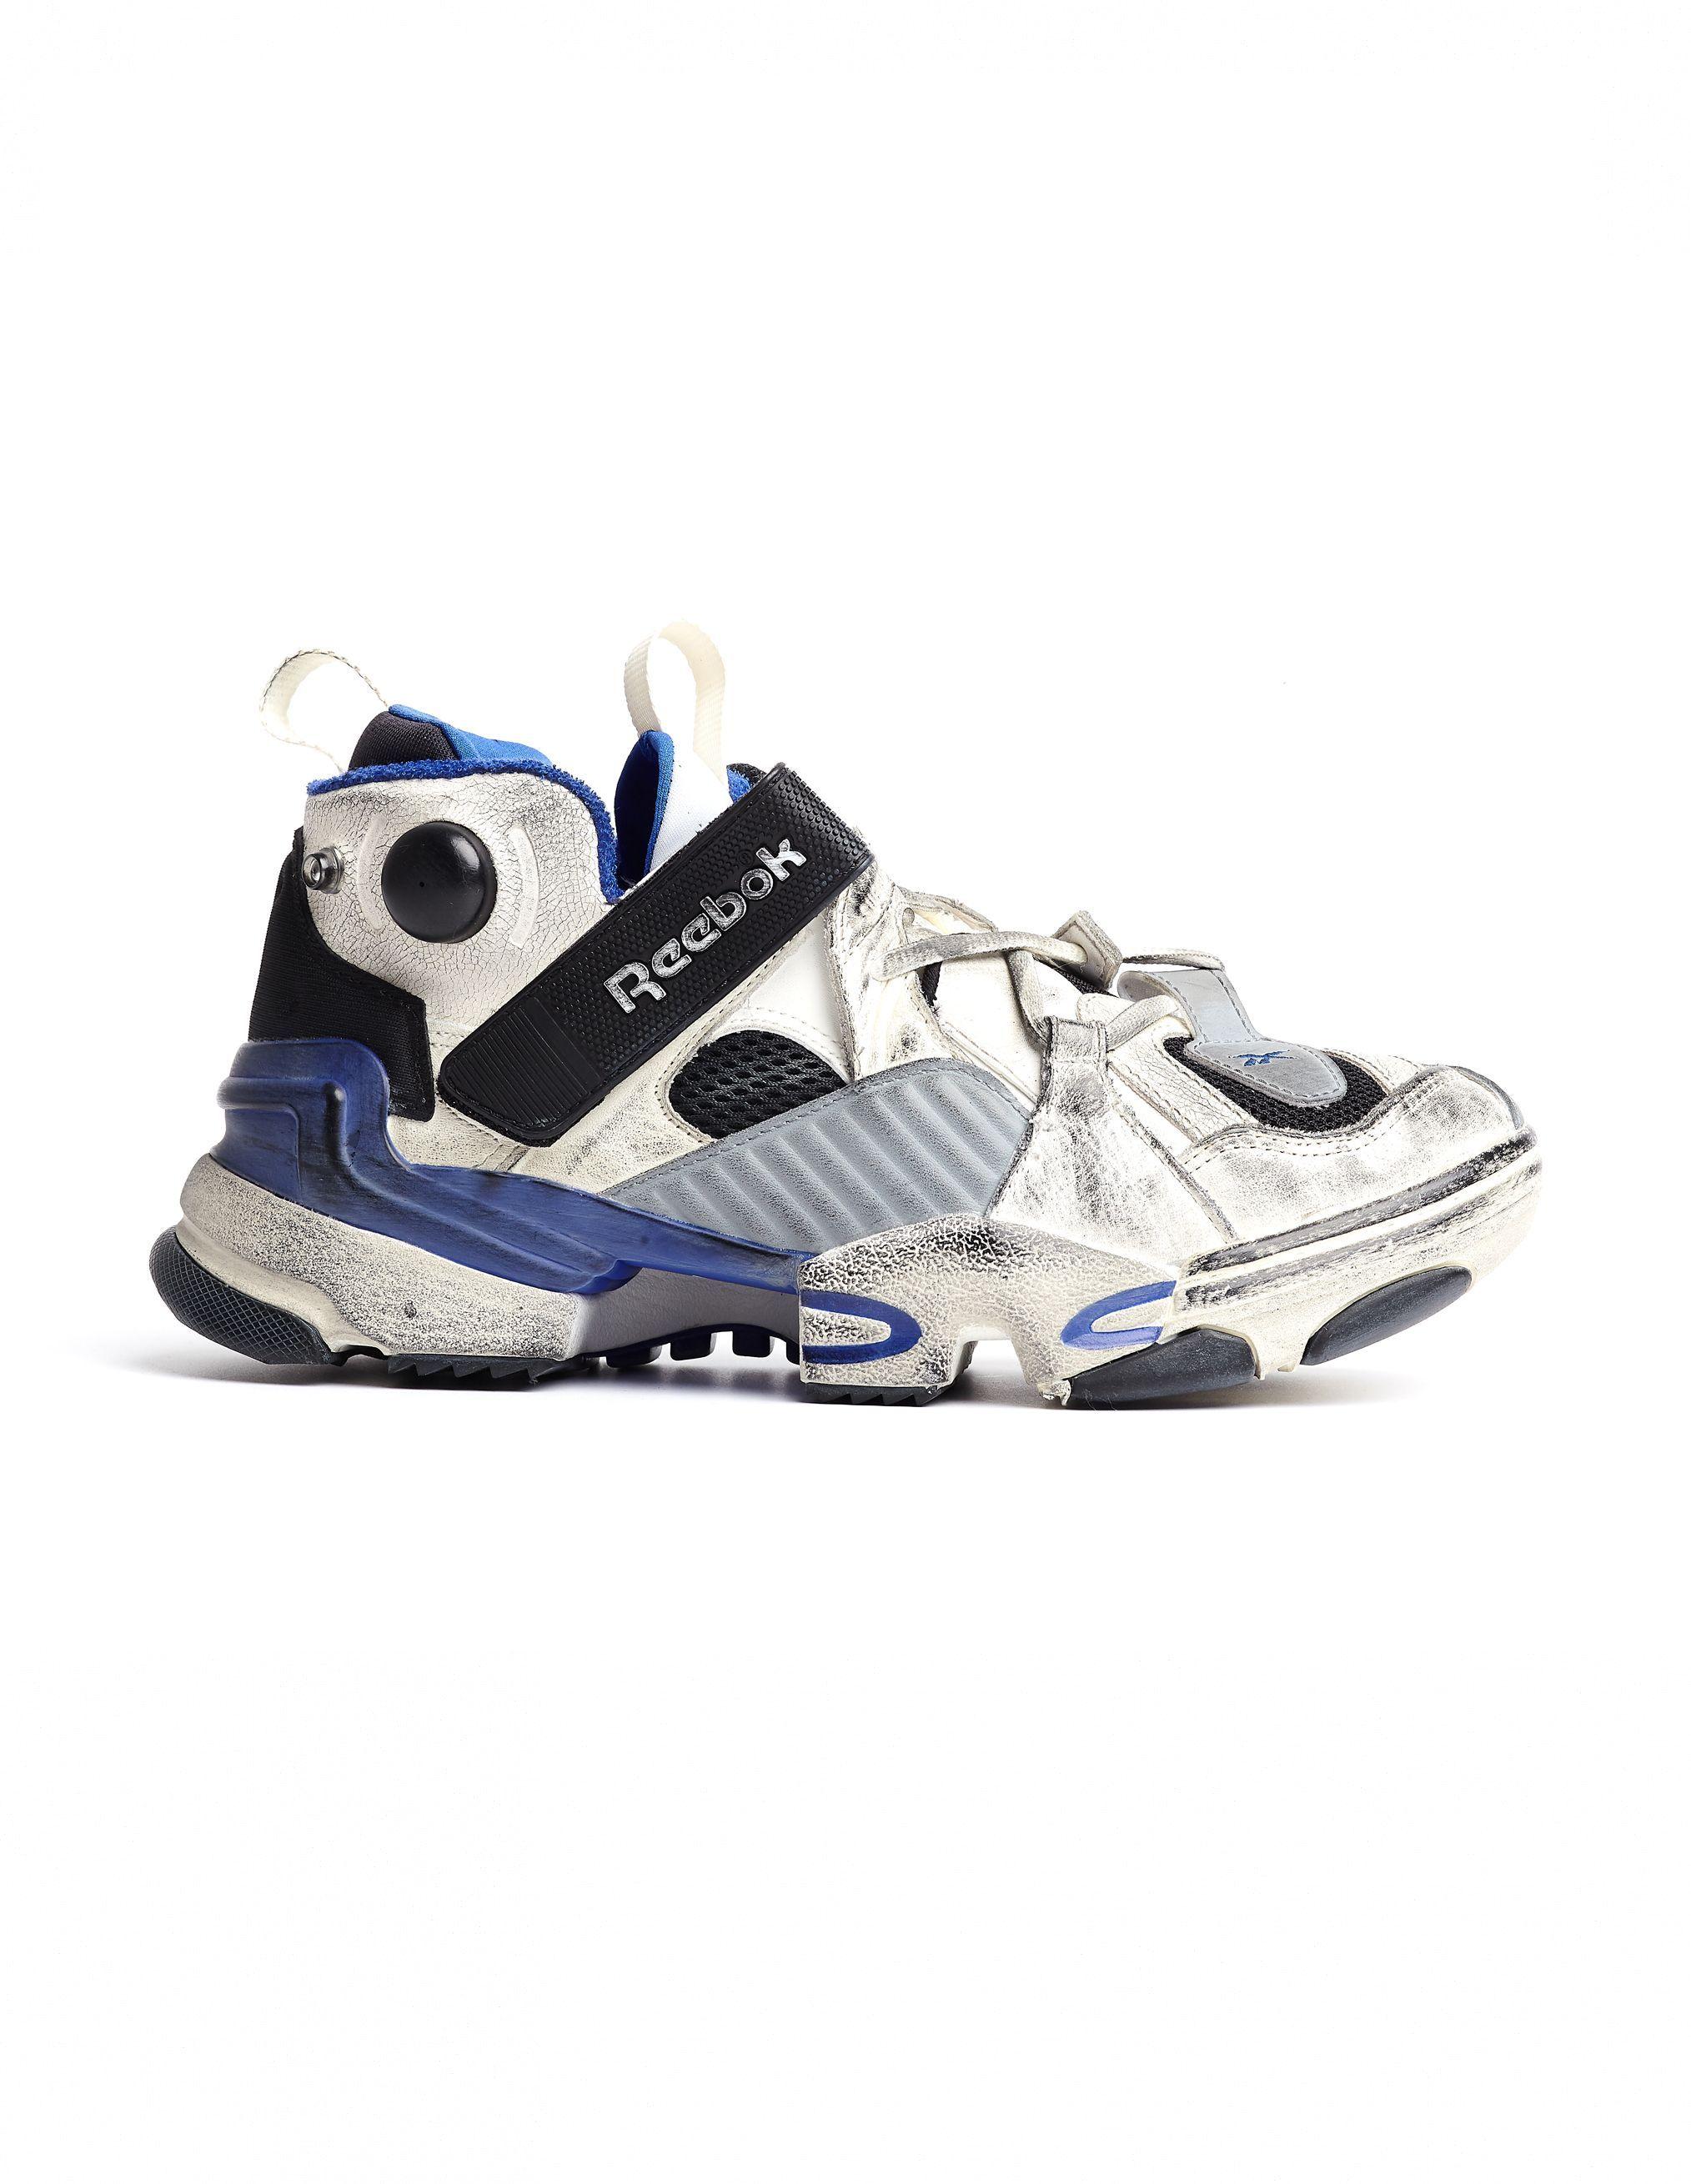 VETEMENTS REEBOK GENETICALLY MODIFIED  sneakers.  vetements  shoes ... f5ec1049e